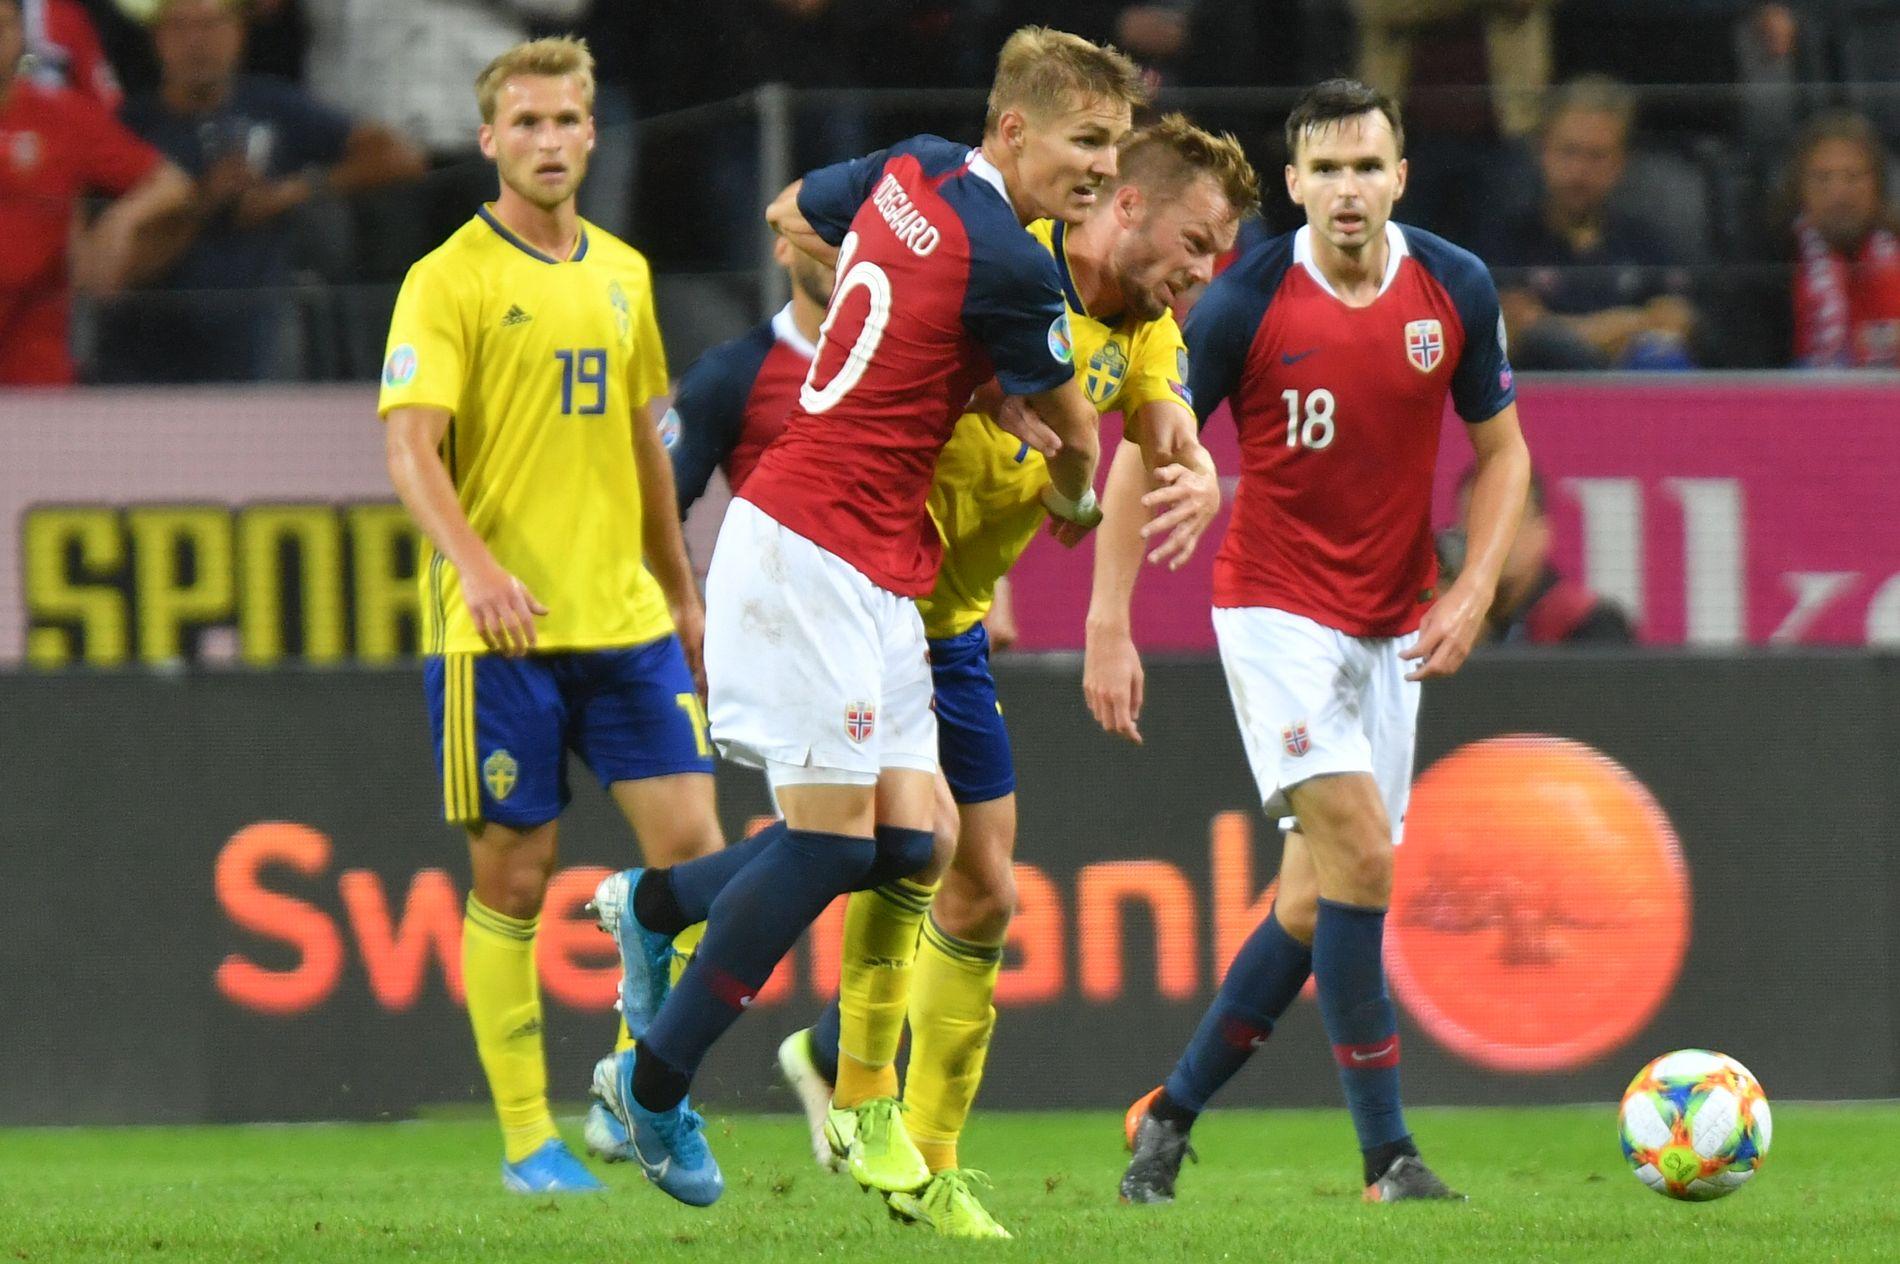 STOR KAMP: Martin Ødegaard i aksjon mot Sverige søndag.